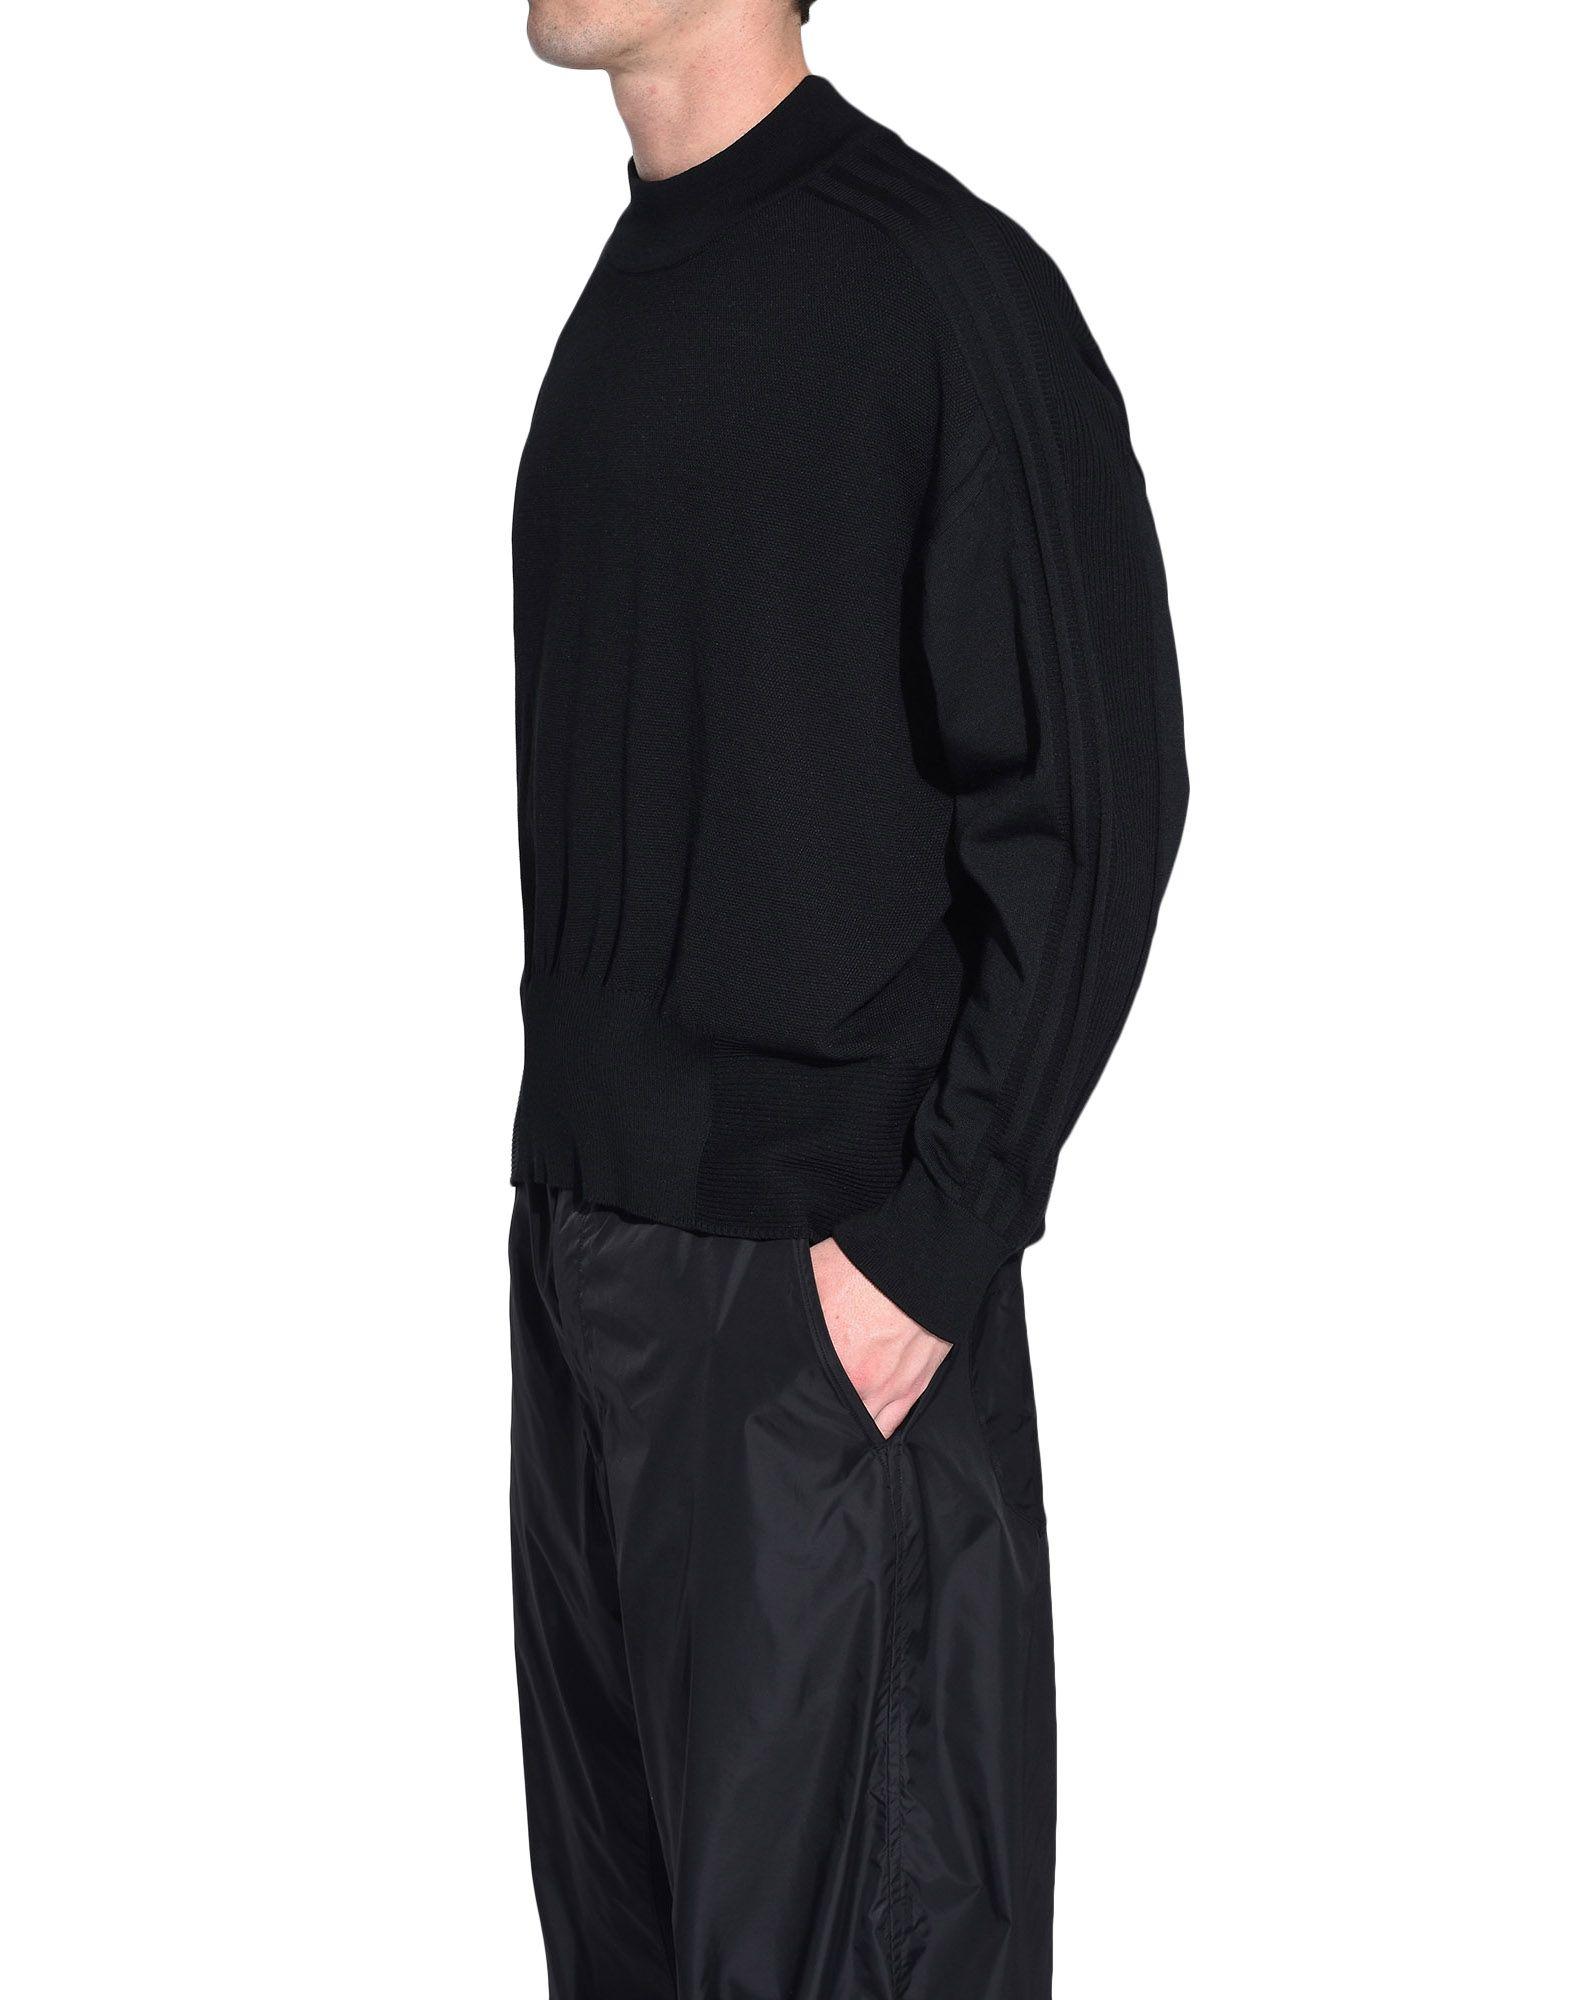 Y-3 Y-3 Tech Wool Sweater Long sleeve jumper Man e